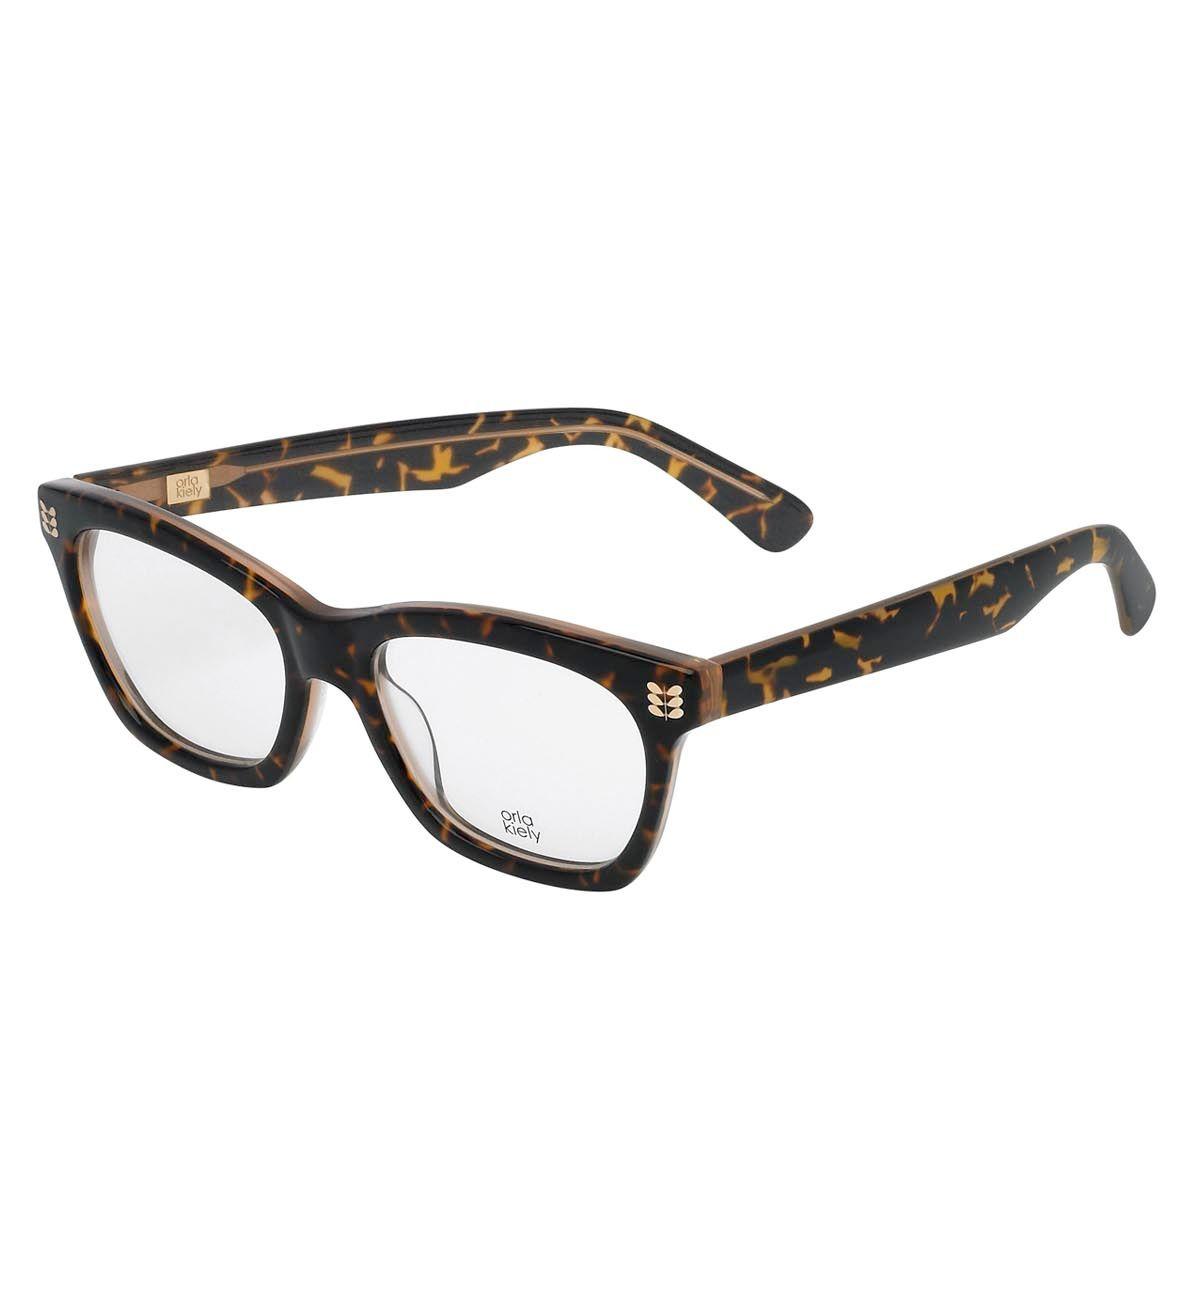 orla kiely vok002 tortoise shell women u0027s glasses my style